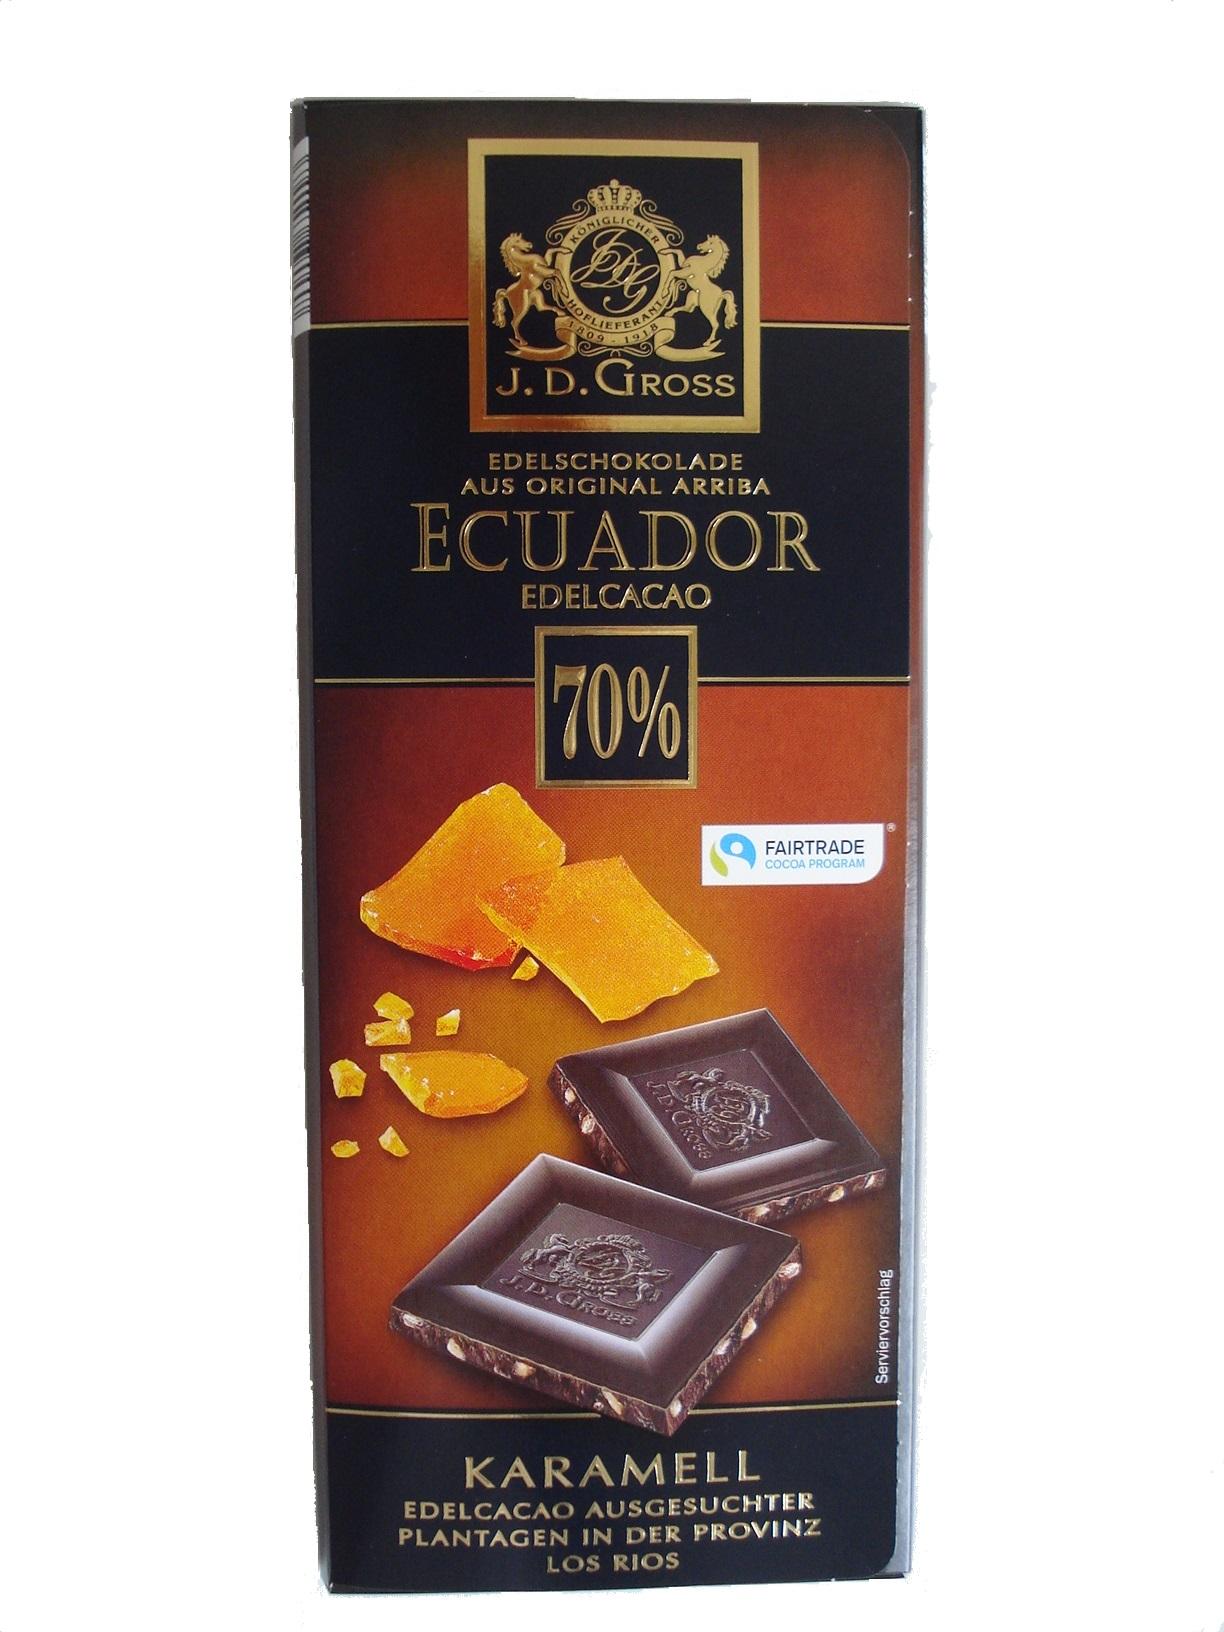 Edel-Schokolade Ecuador 70% Karamell